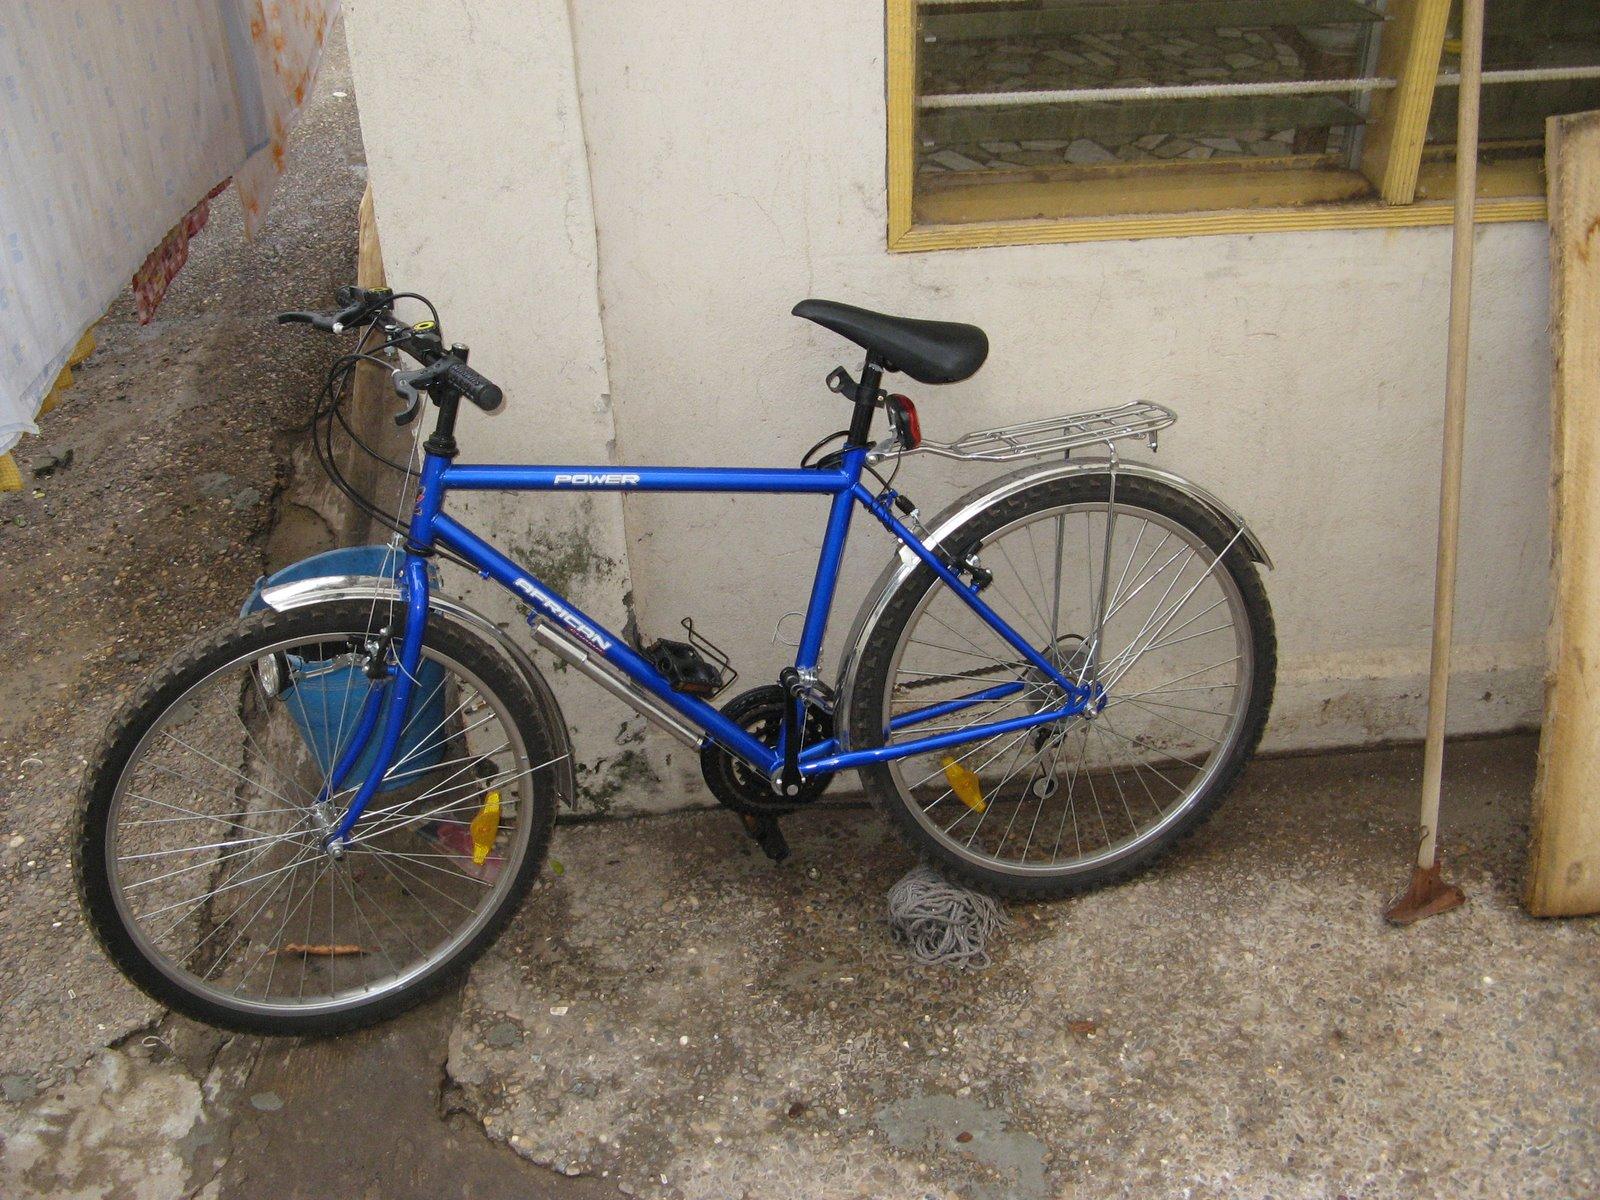 [Bike1]